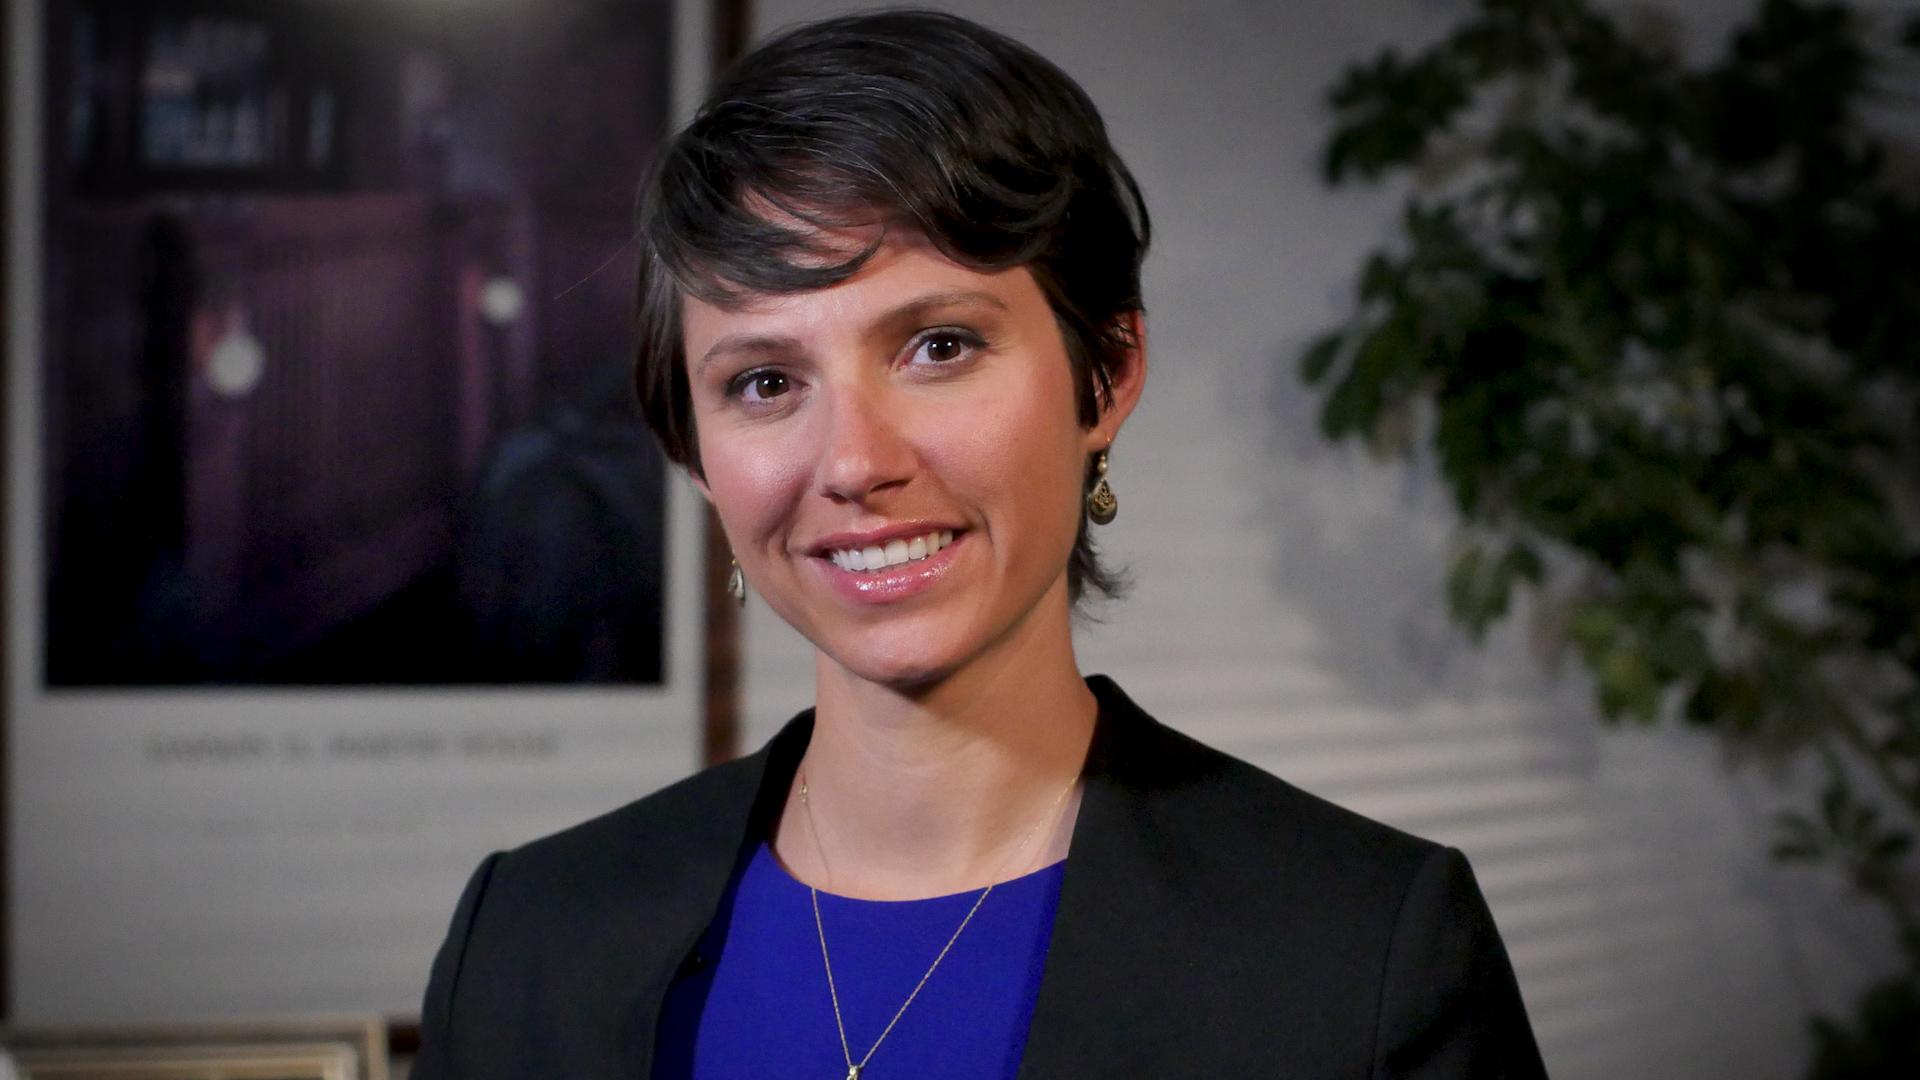 Katie L. Kestel Martin